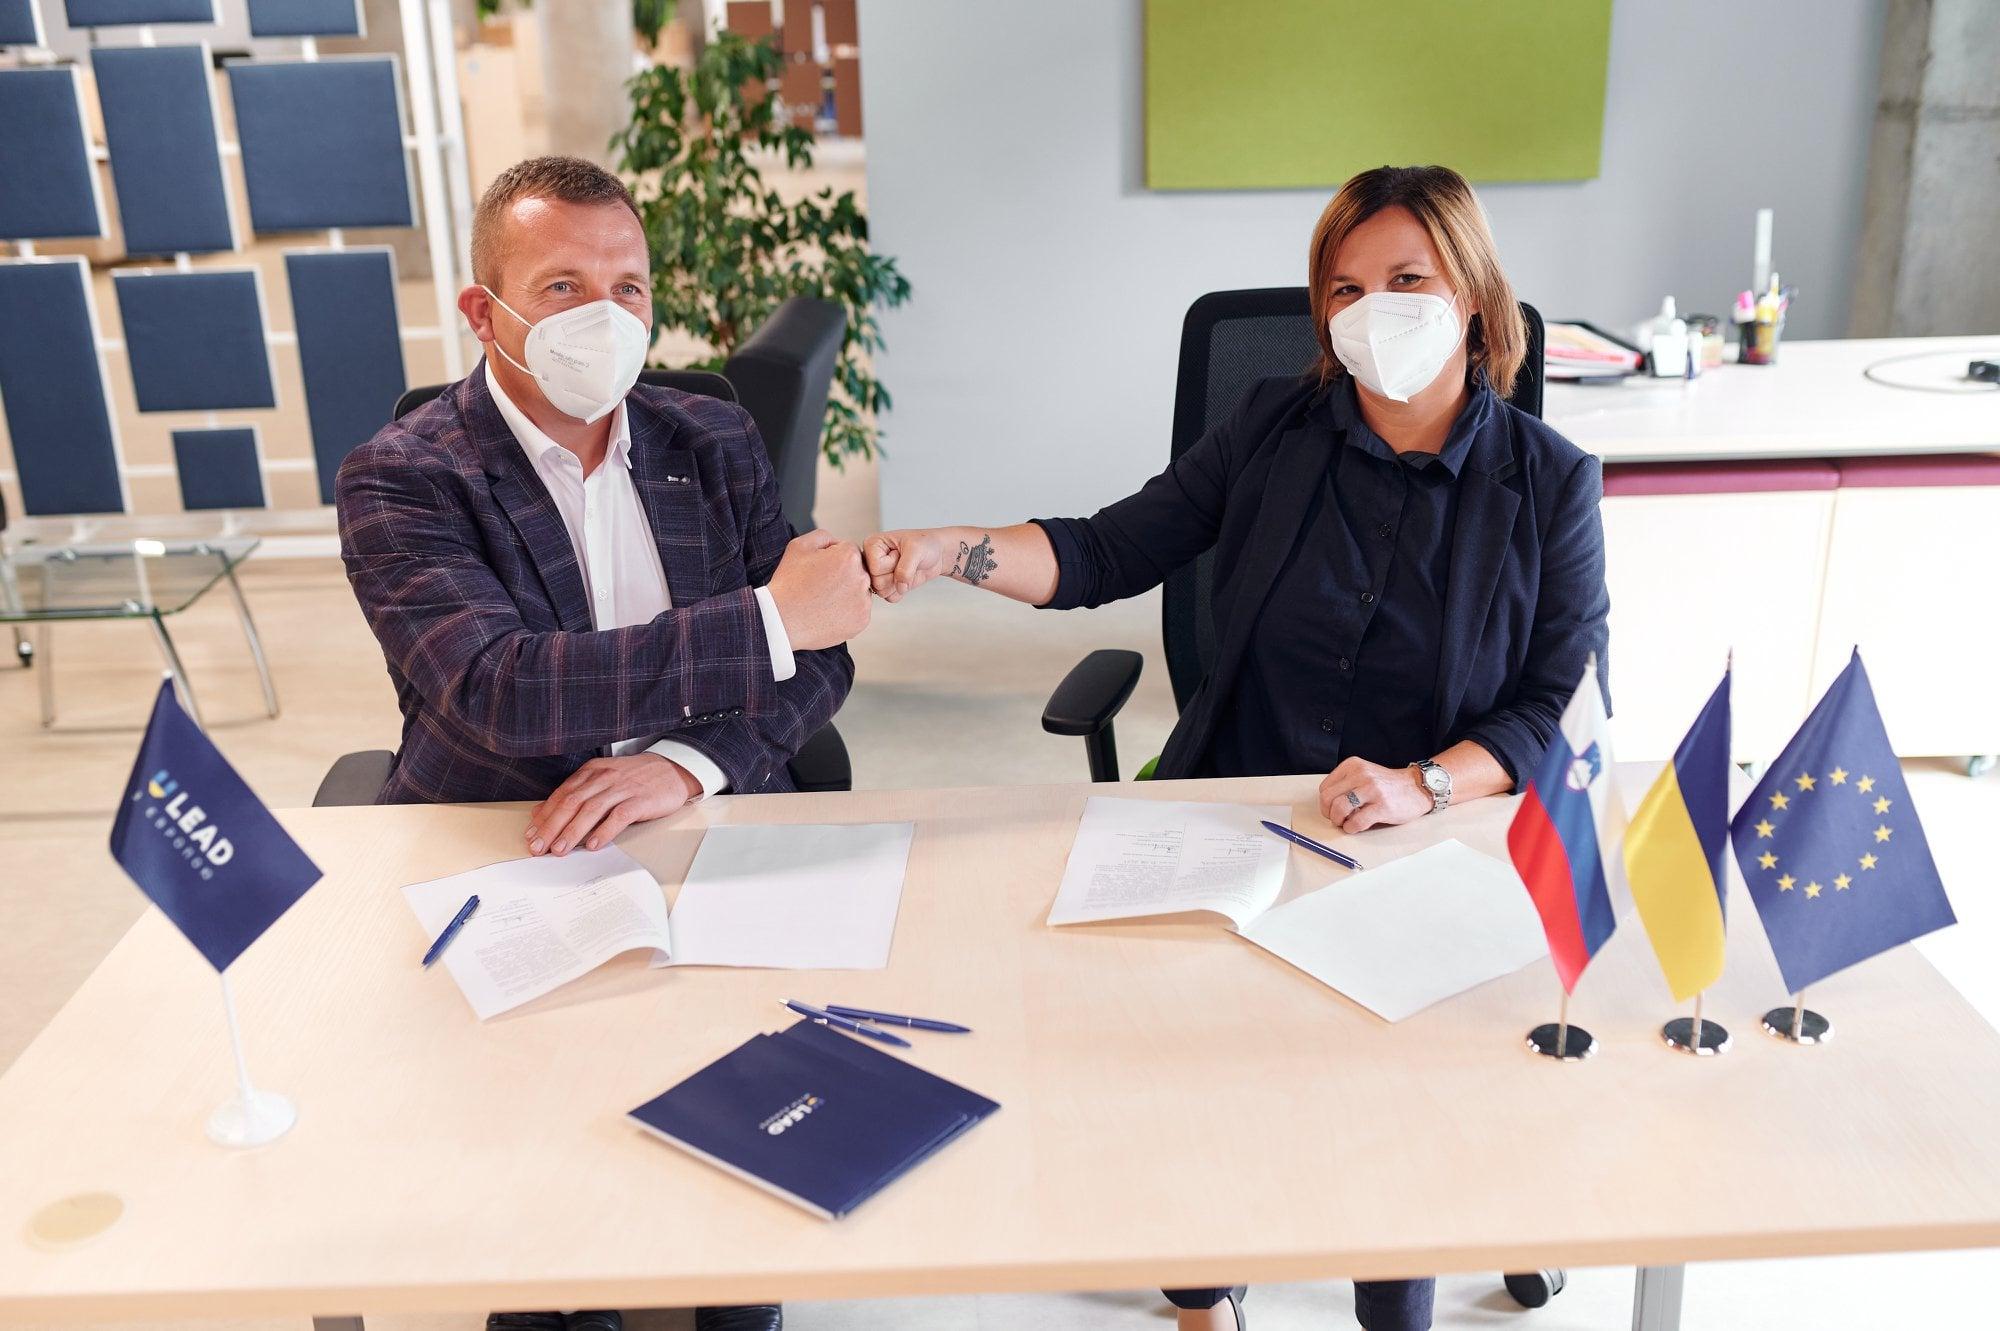 Червоноградська громада розвиває співпрацю з муніципалітетом із Словенії